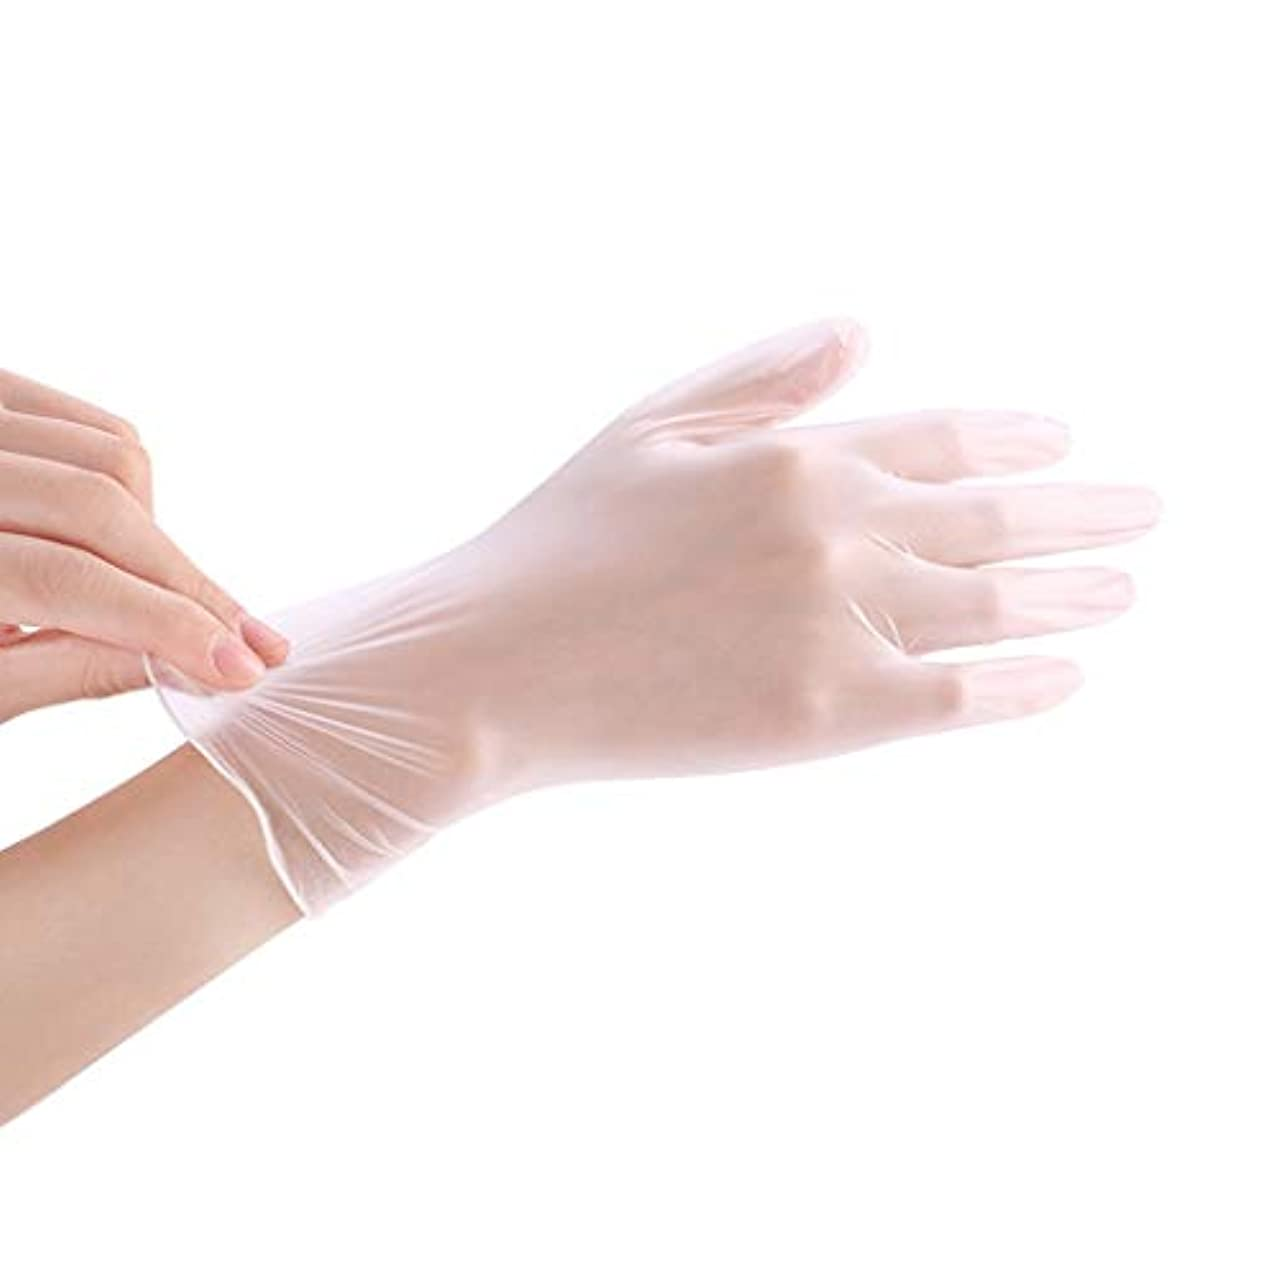 庭園怒って移行使い捨て透明食品ケータリンググレードPVC手袋美容キッチンベーキングフィルム手袋200 YANW (色 : トランスペアレント, サイズ さいず : L l)